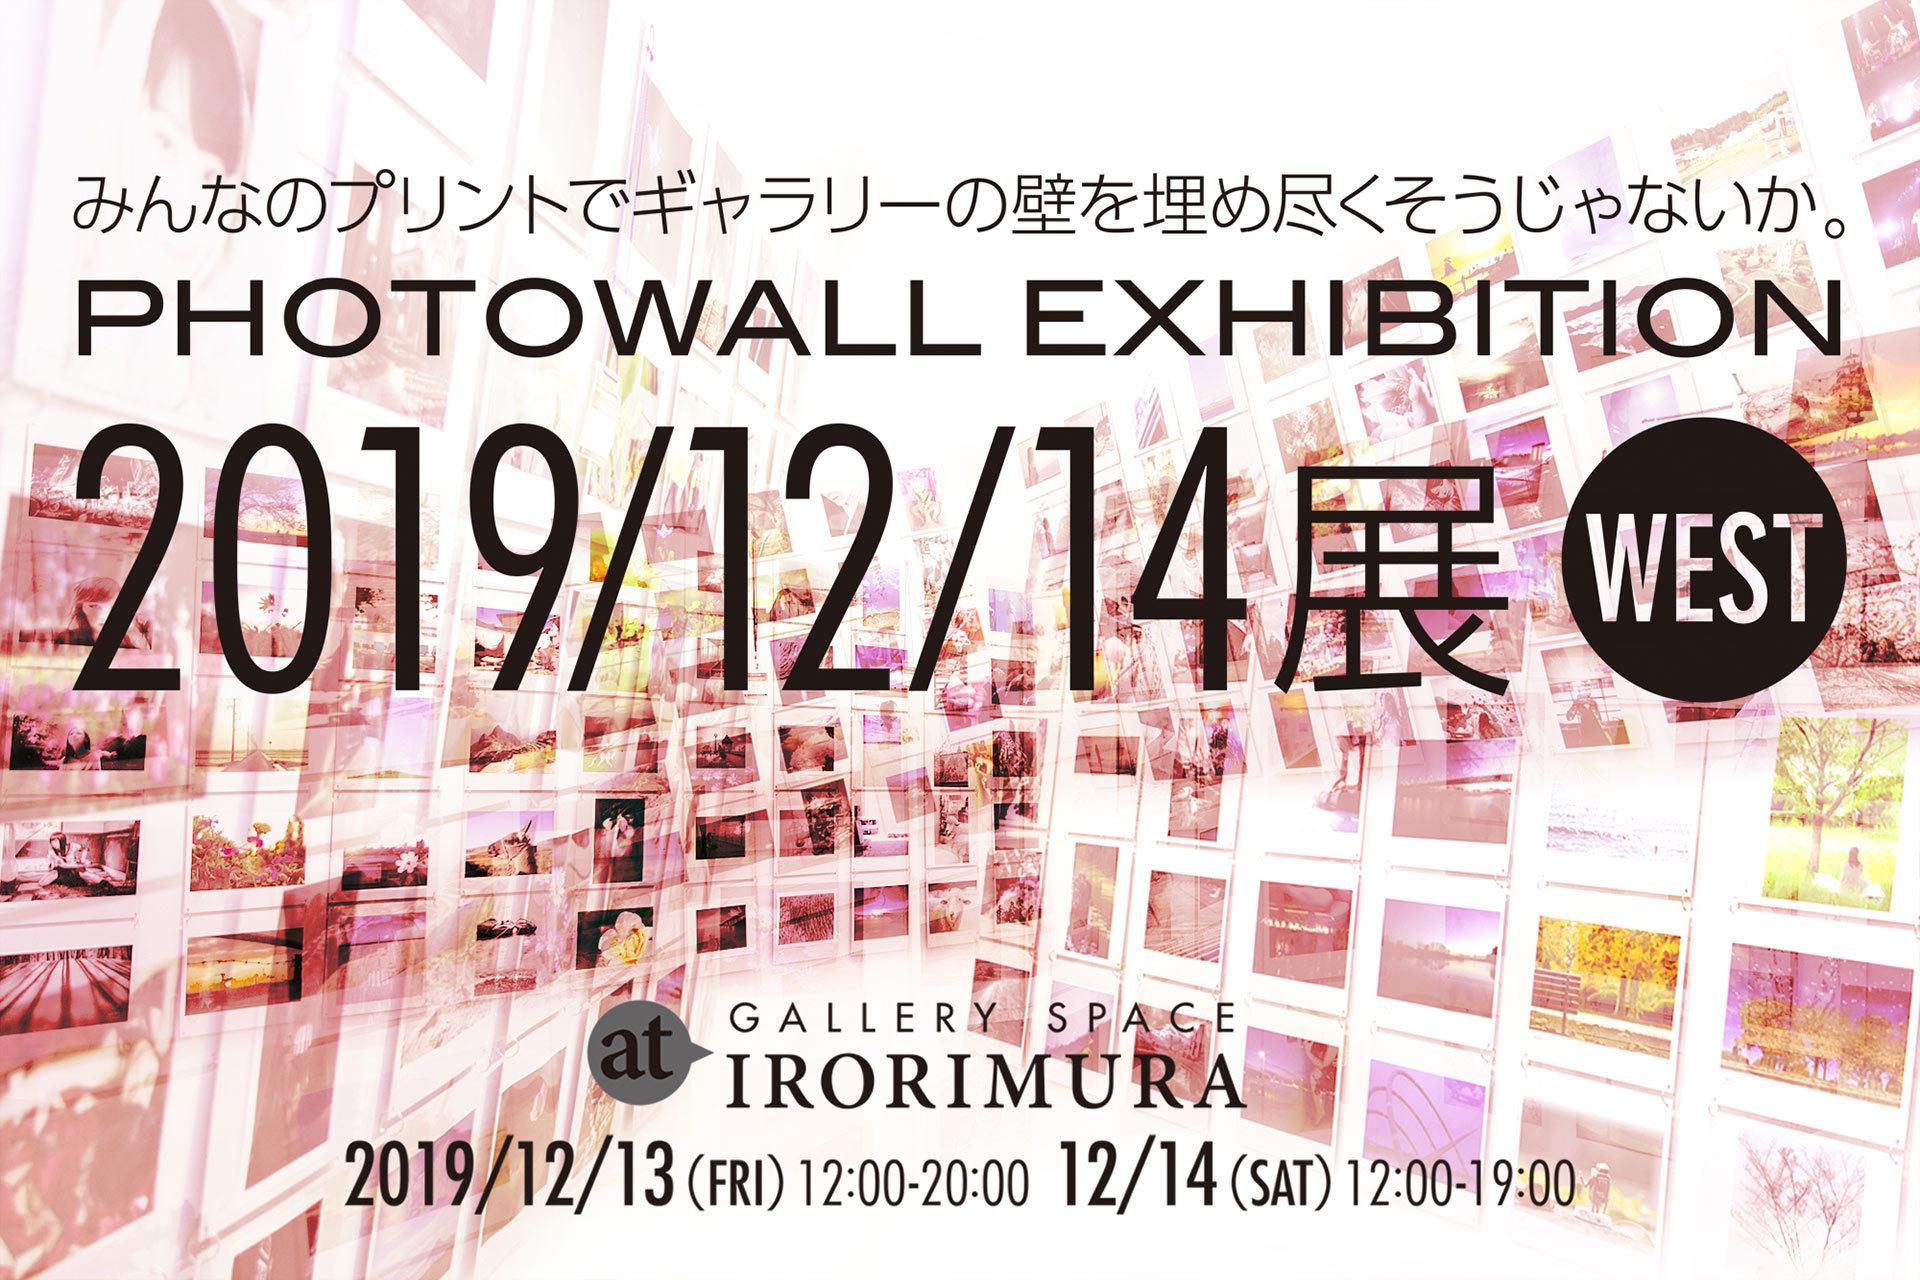 「2019/12/14展WEST」開催します!_c0341631_12210629.jpg